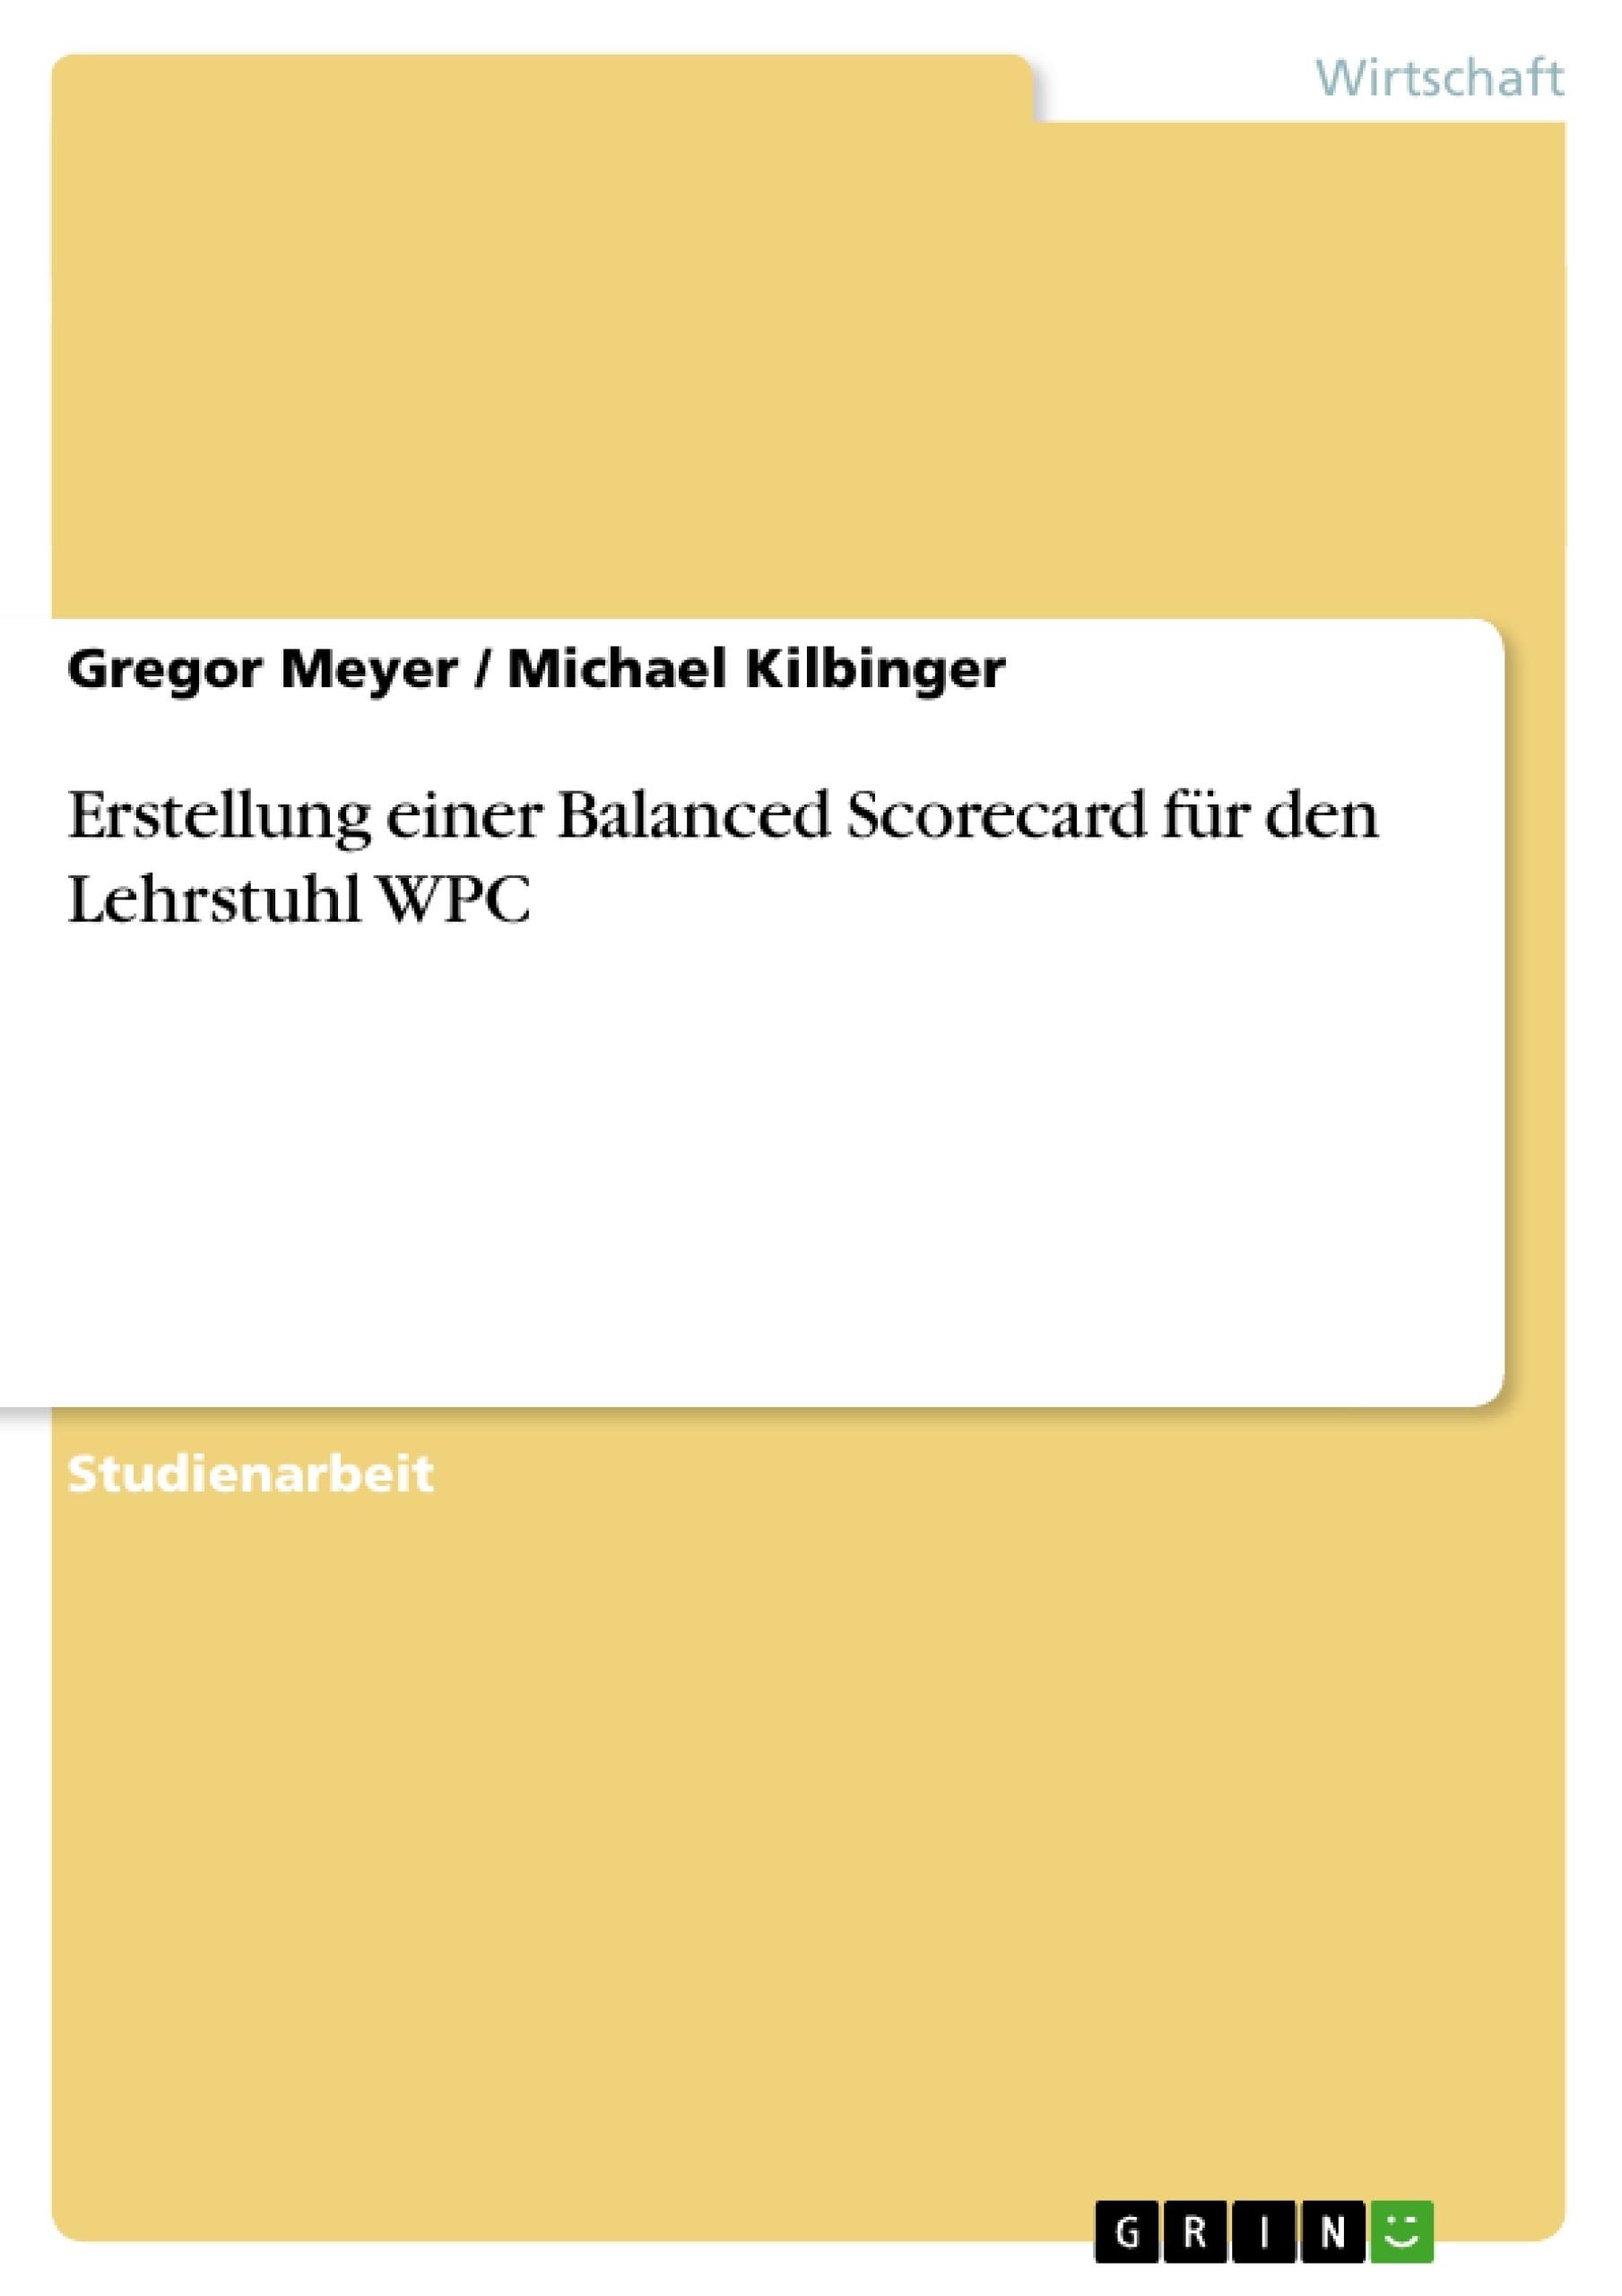 Titel: Erstellung einer Balanced Scorecard für den Lehrstuhl WPC